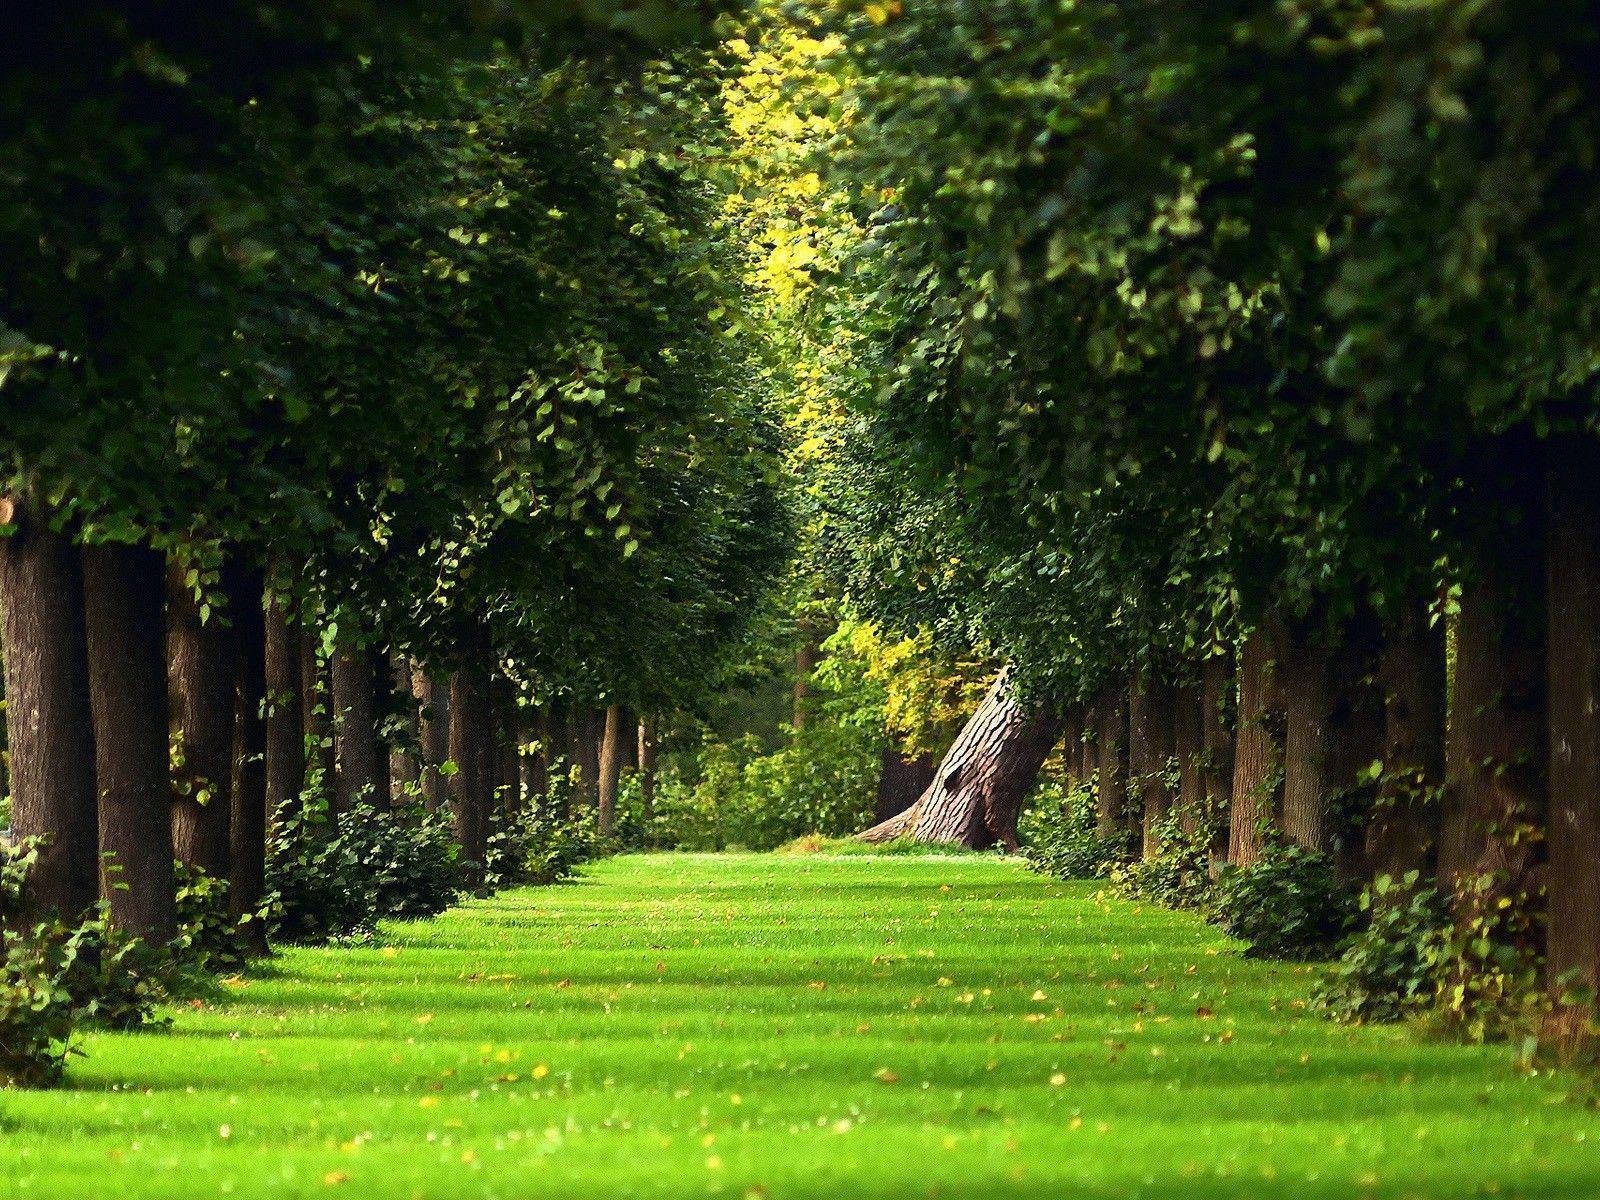 Wallpaper download garden - Download Beautiful Green Garden Wallpaper Full Hd Wallpapers